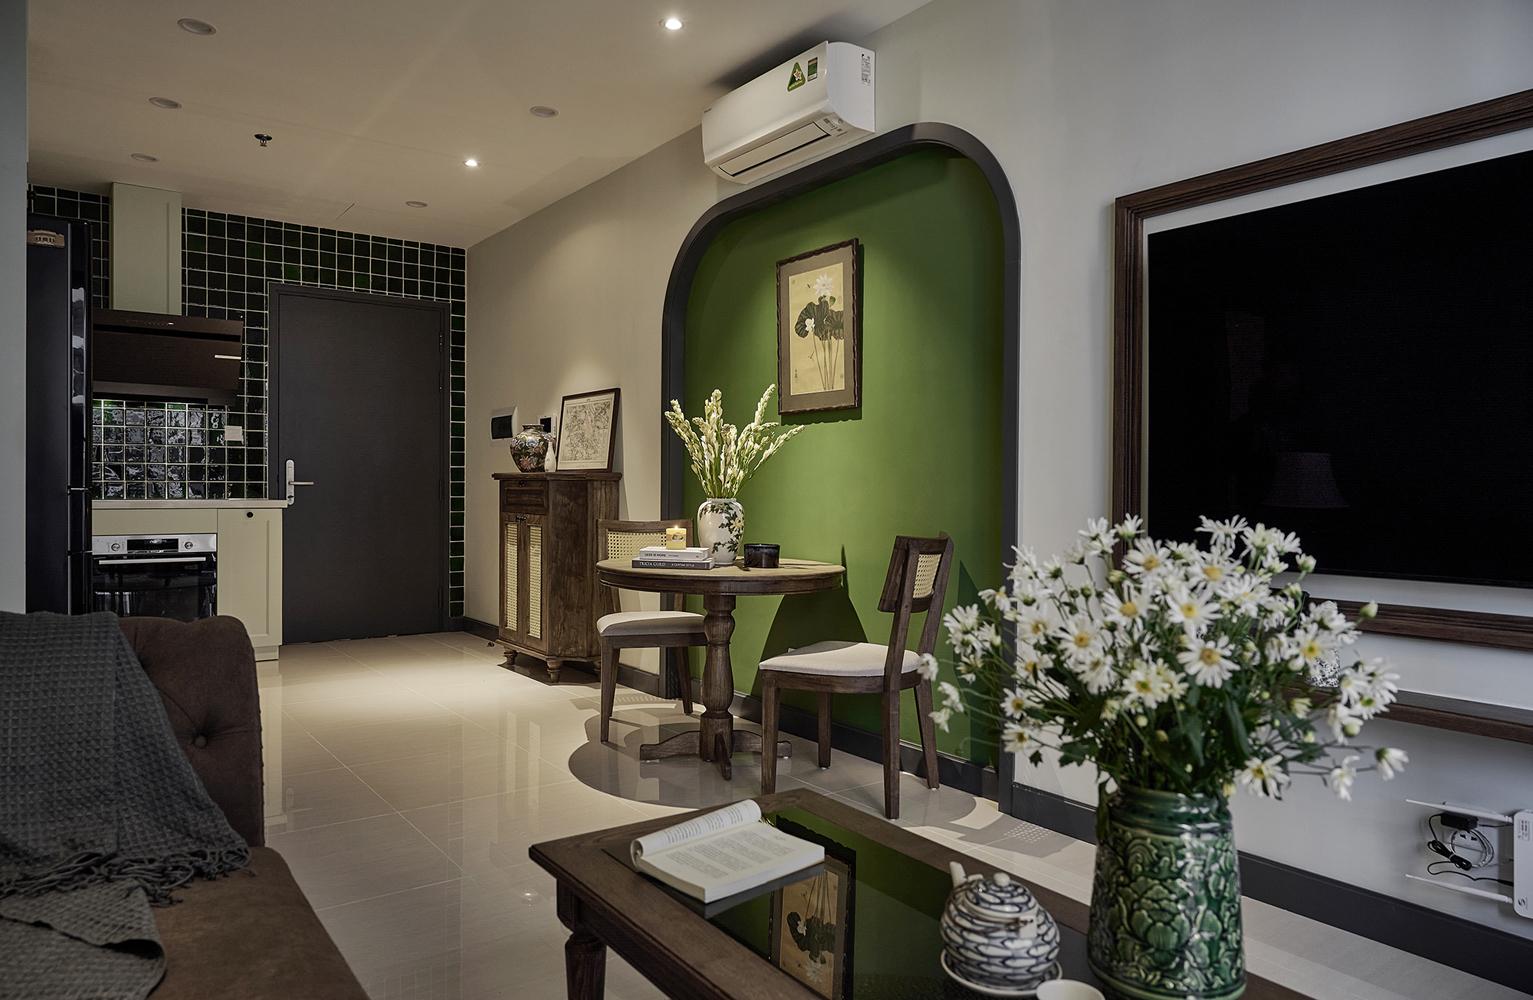 indochine style ,phong cách scandinavian ,phong cách indochine là gì ,phong cách luxury ,căn hộ phong cách indochine ,dịch ,đặc điểm phong cách đông dương ,indochine ,resort phong cách đông dương ,indochine style